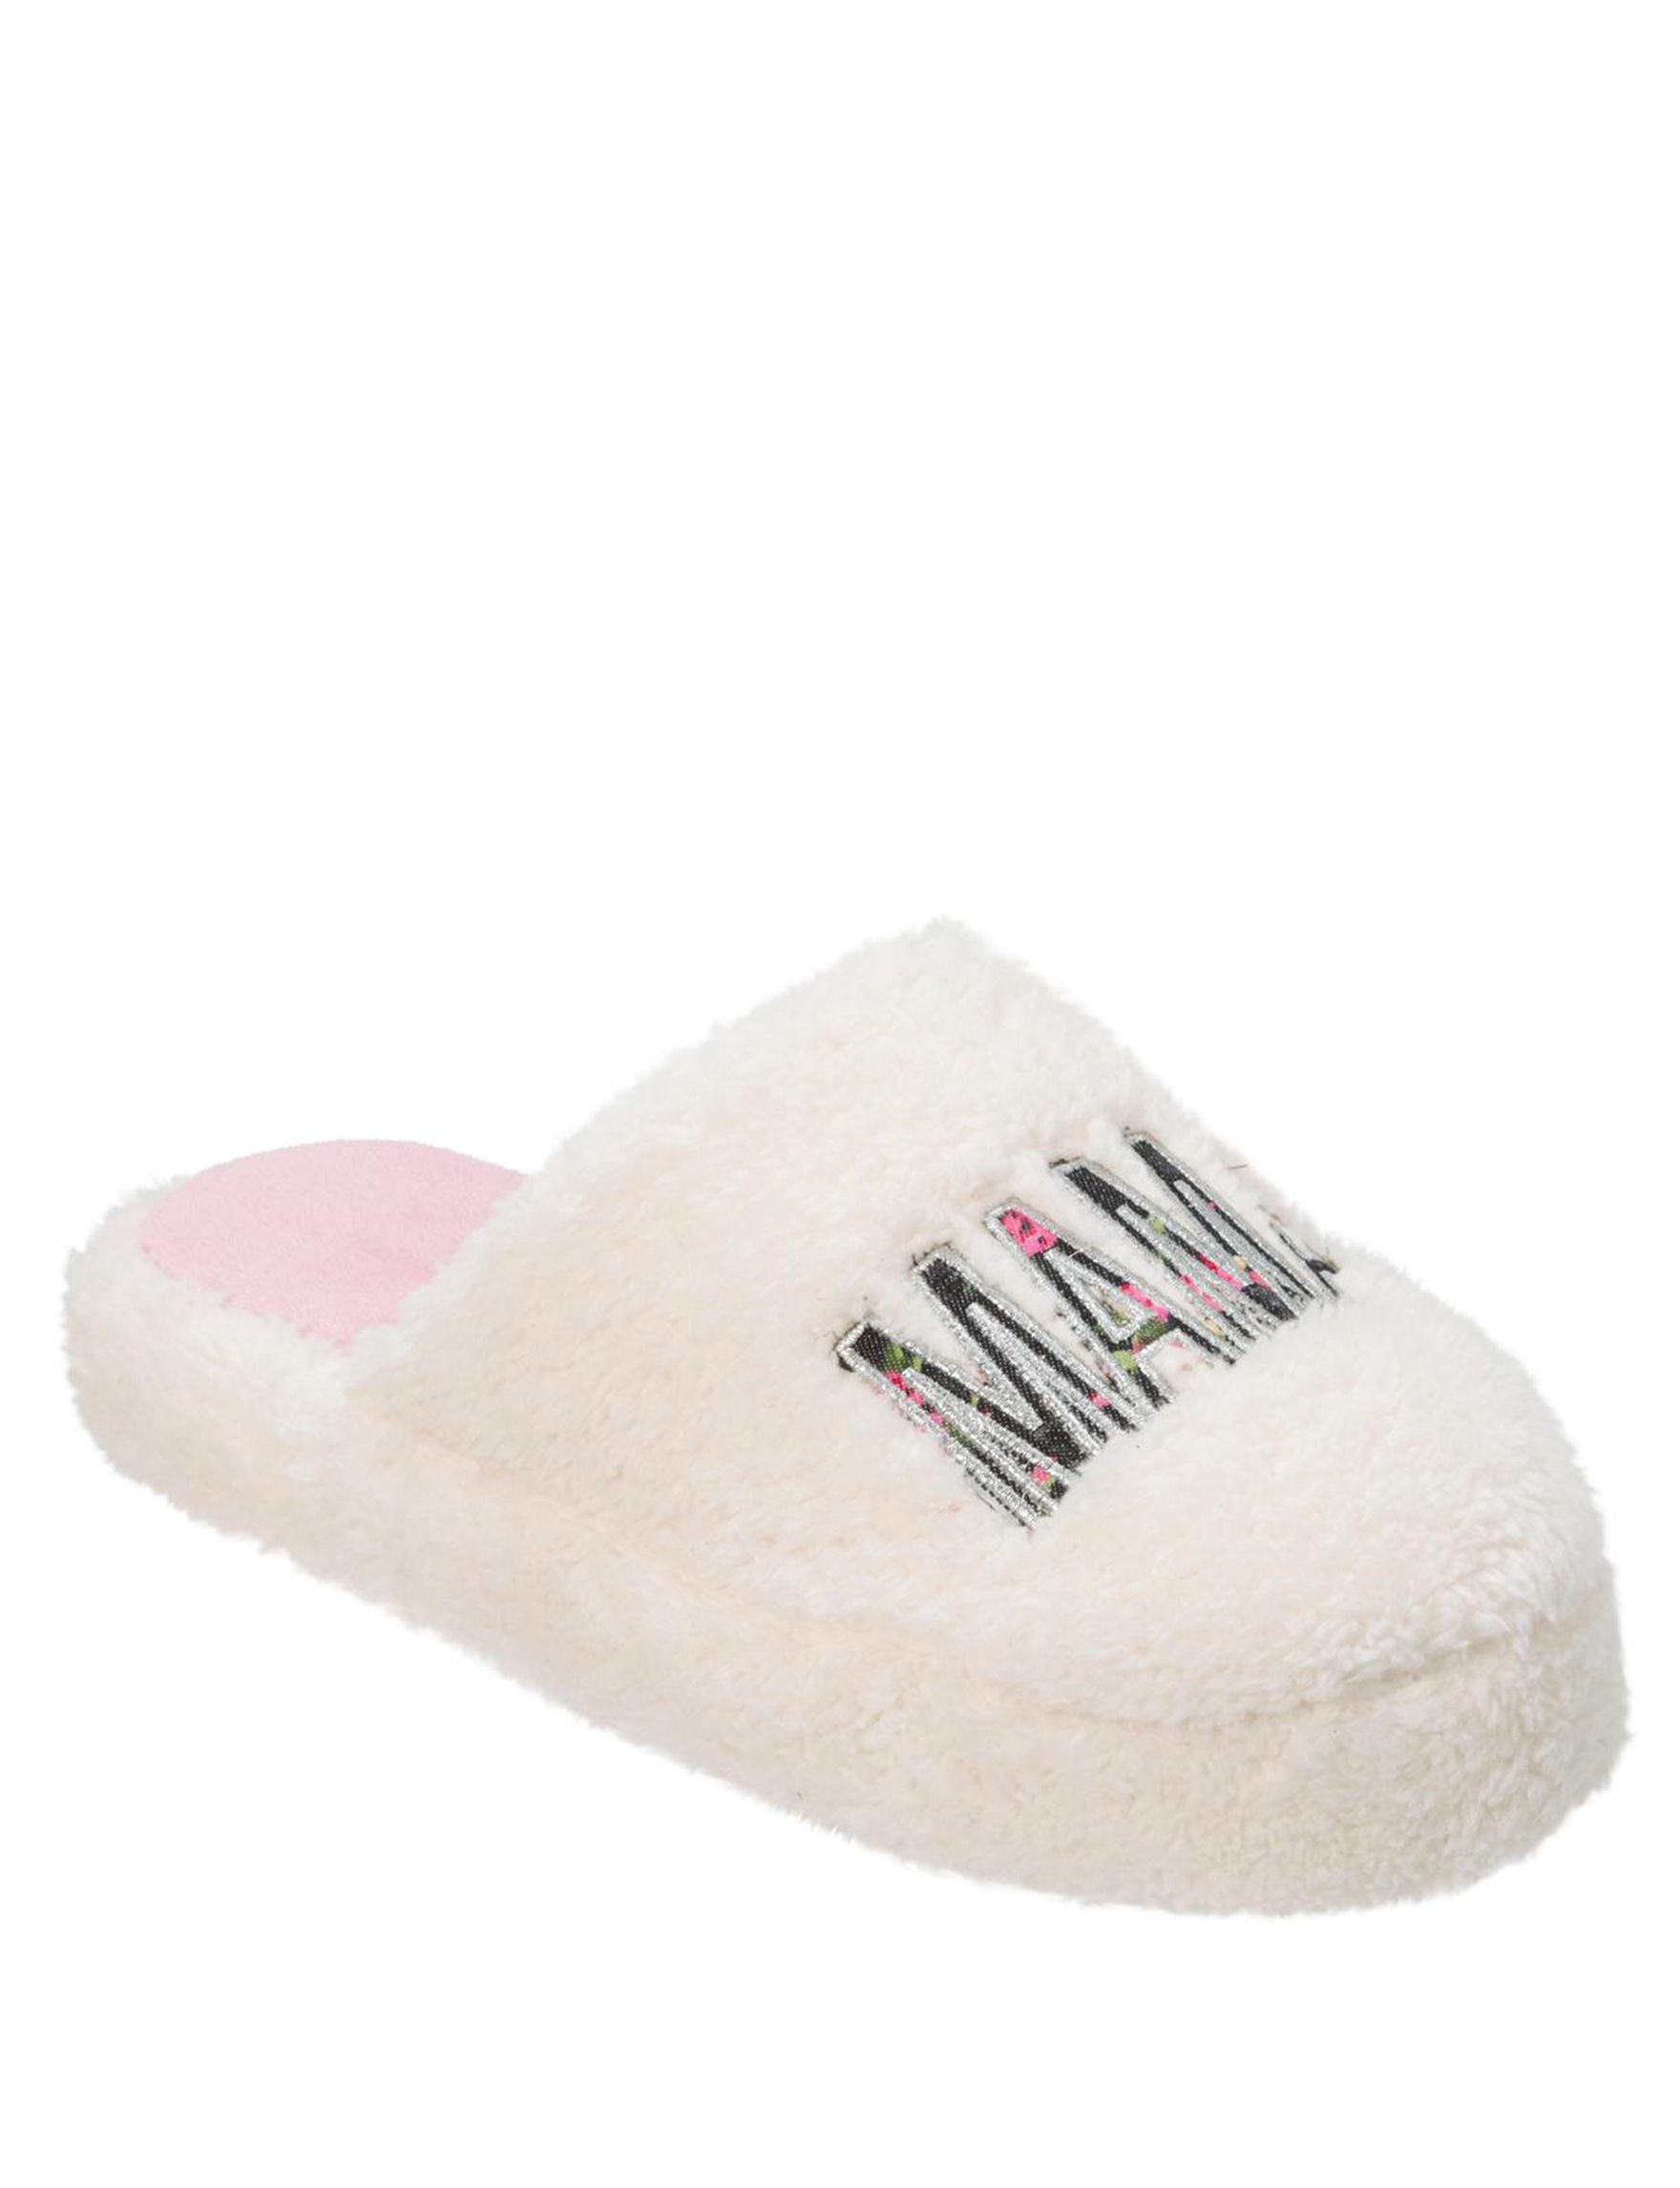 bf861d81e92 Dearfoams Mama Bear Slippers   Mask Set